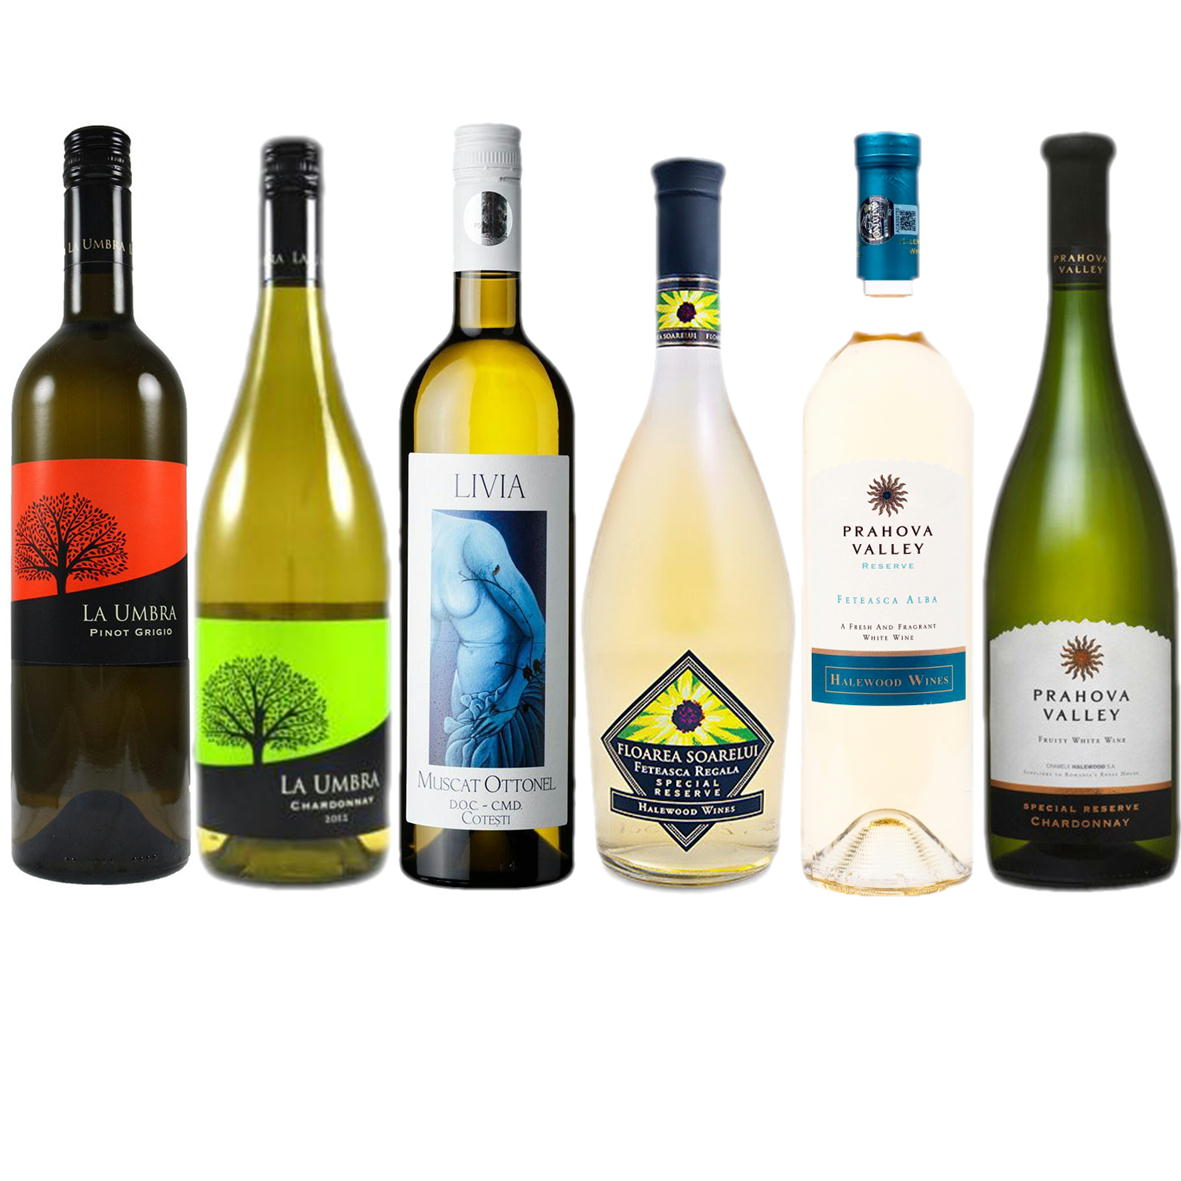 エレガント白ワイン6本セット